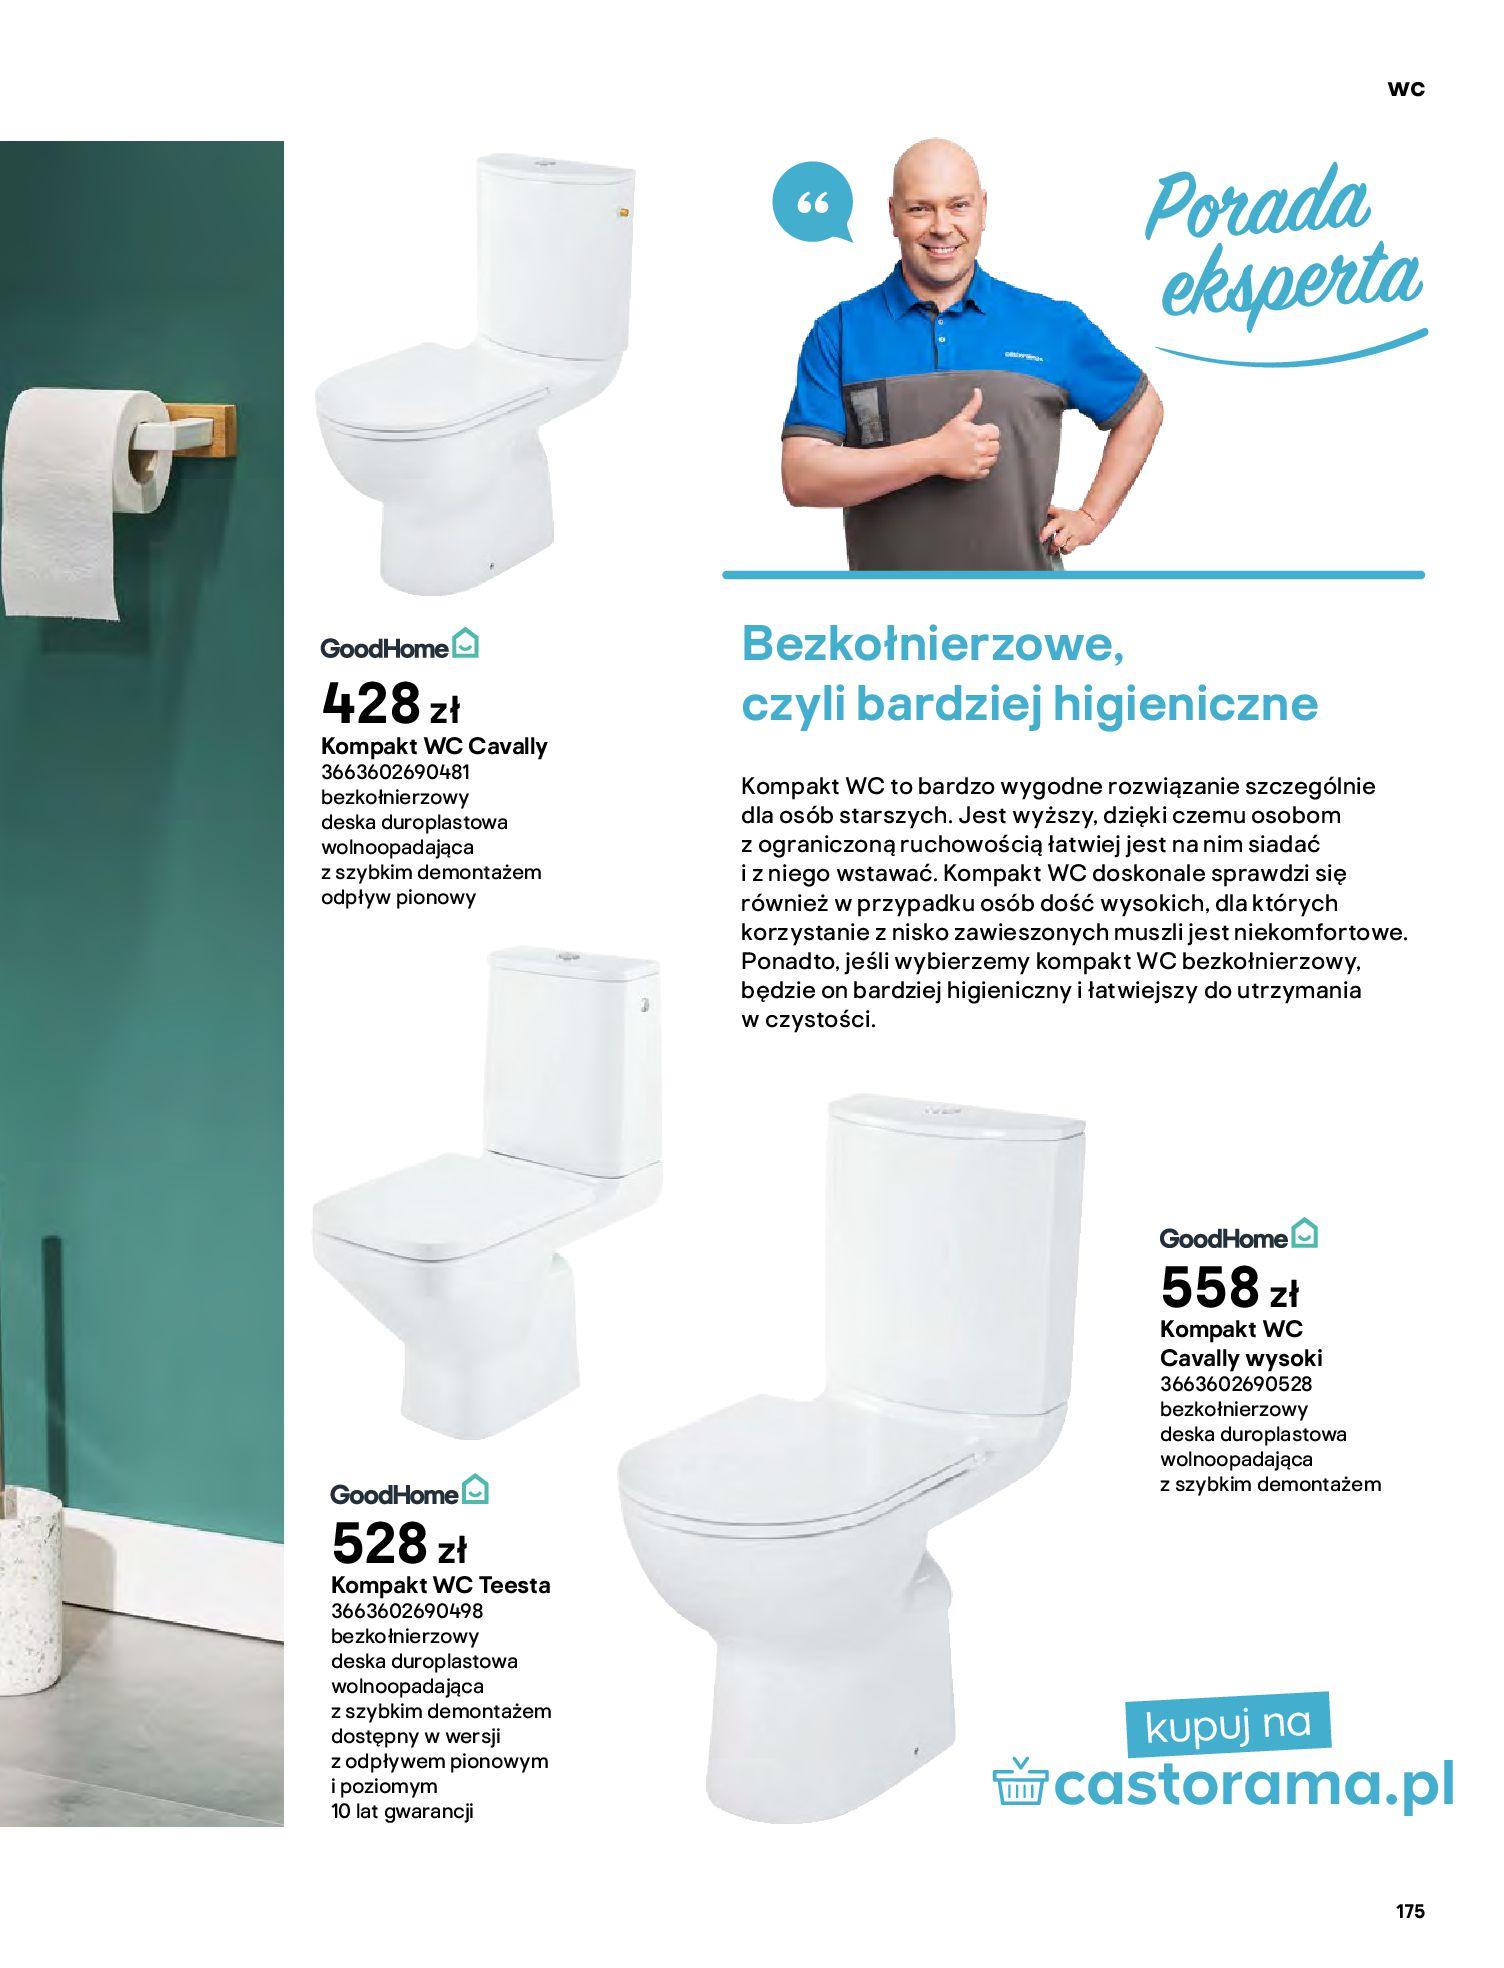 Gazetka Castorama: Gazetka Castorama - katalog łazienki 2021 2021-06-16 page-175